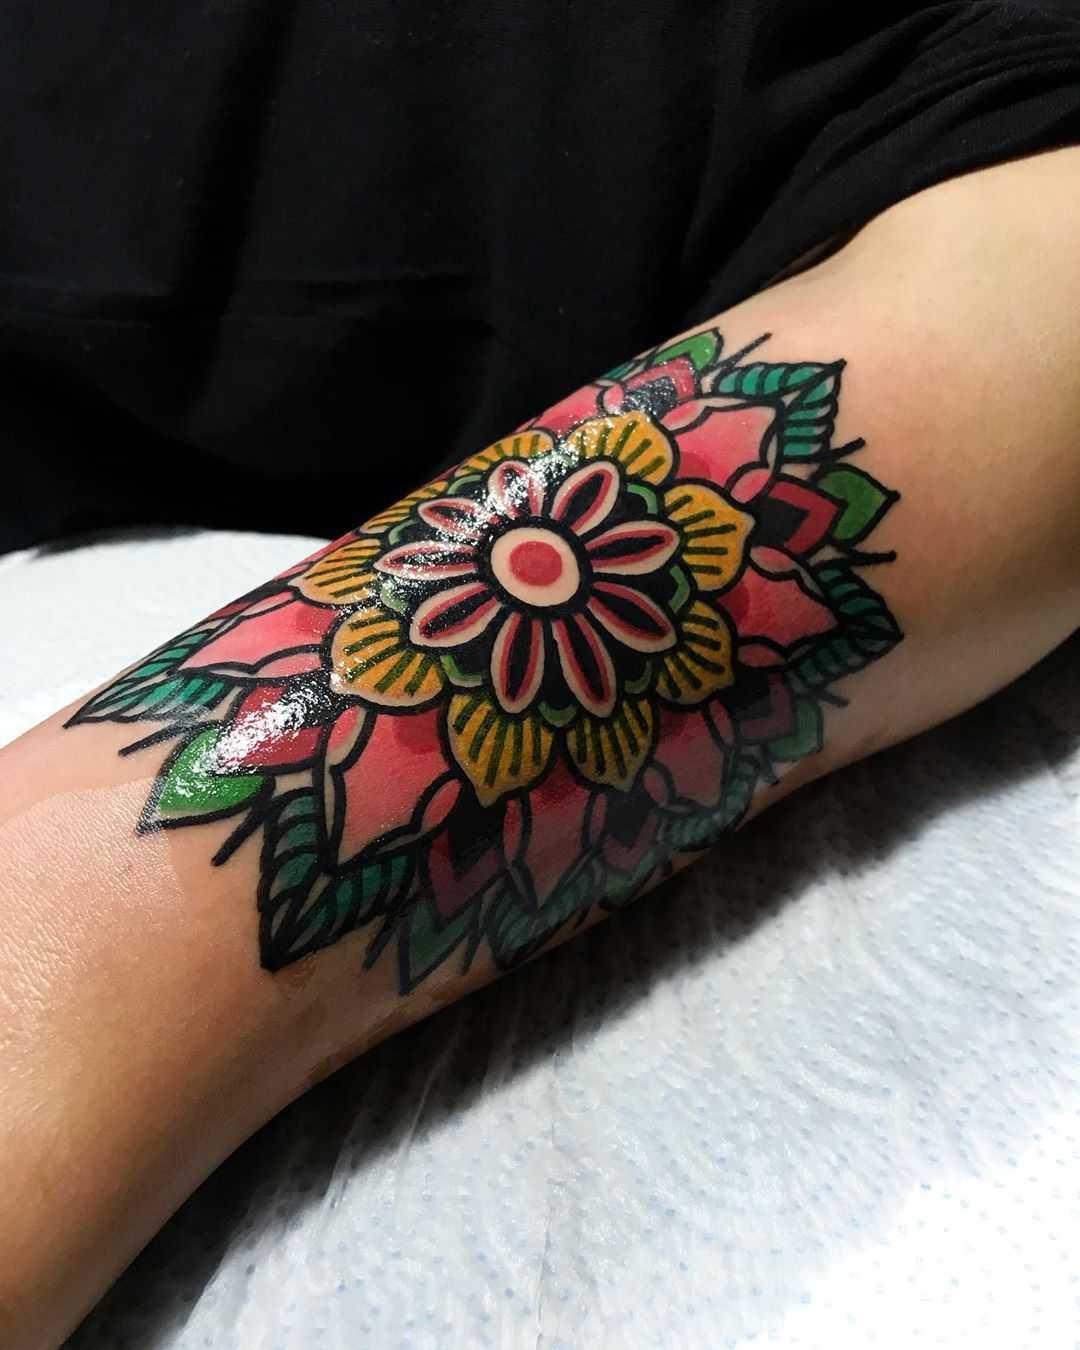 Lovely floral mandala by tattooist Alejo GMZ